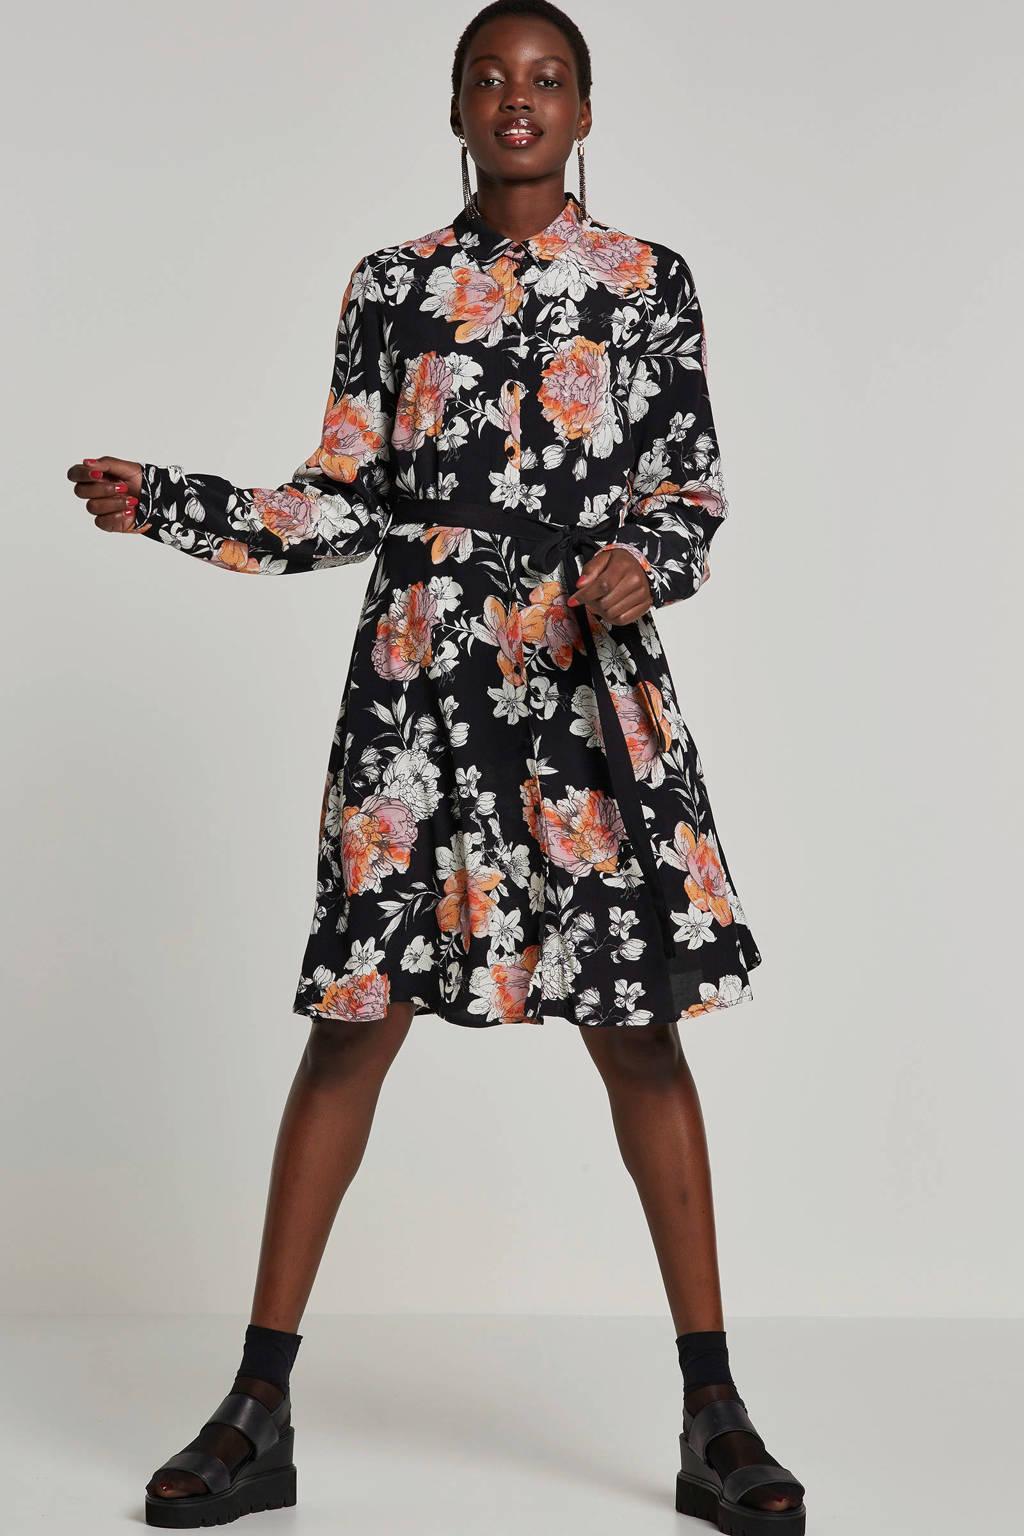 VERO MODA gebloemde jurk met bindkoord, Zwart/roze/wit